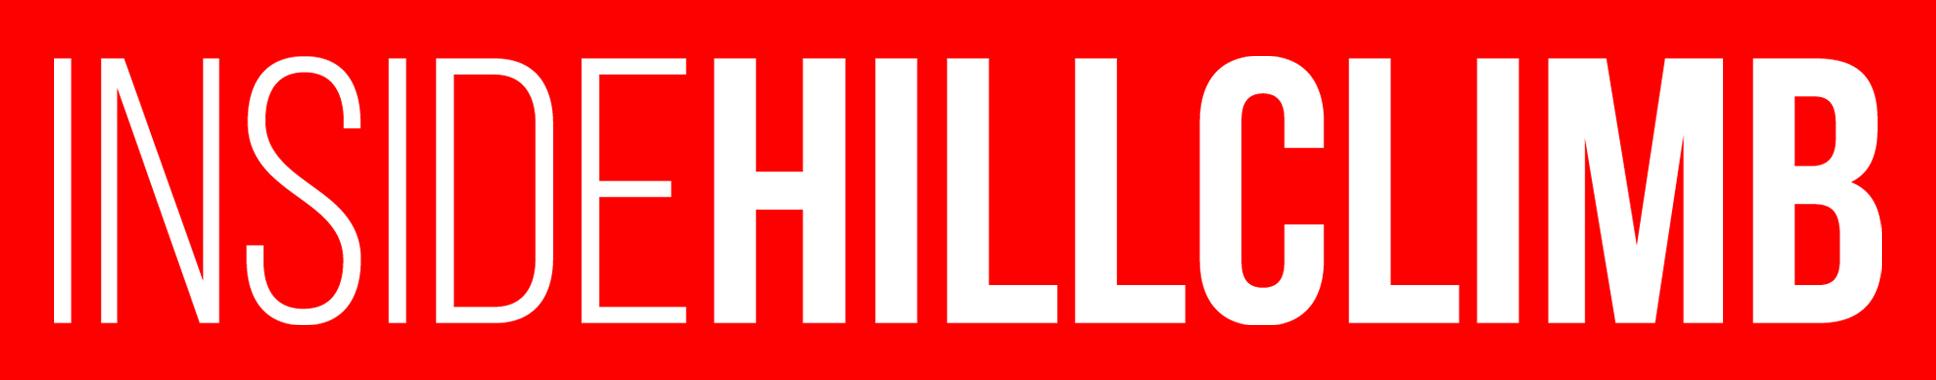 InsideHillclimb